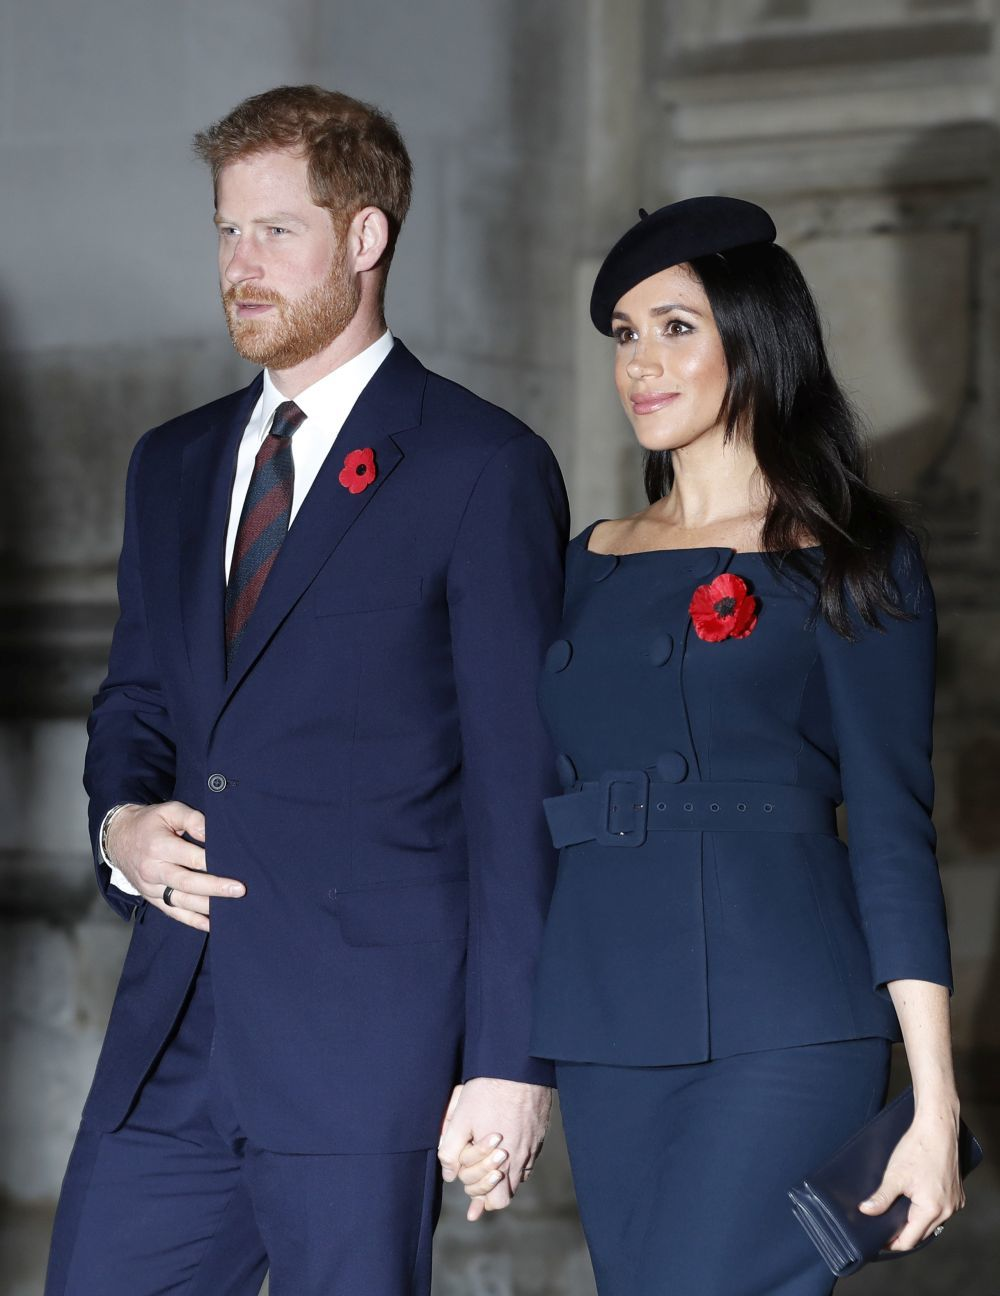 Los Duques de Sussex en uno de sus últimos eventos públicos.